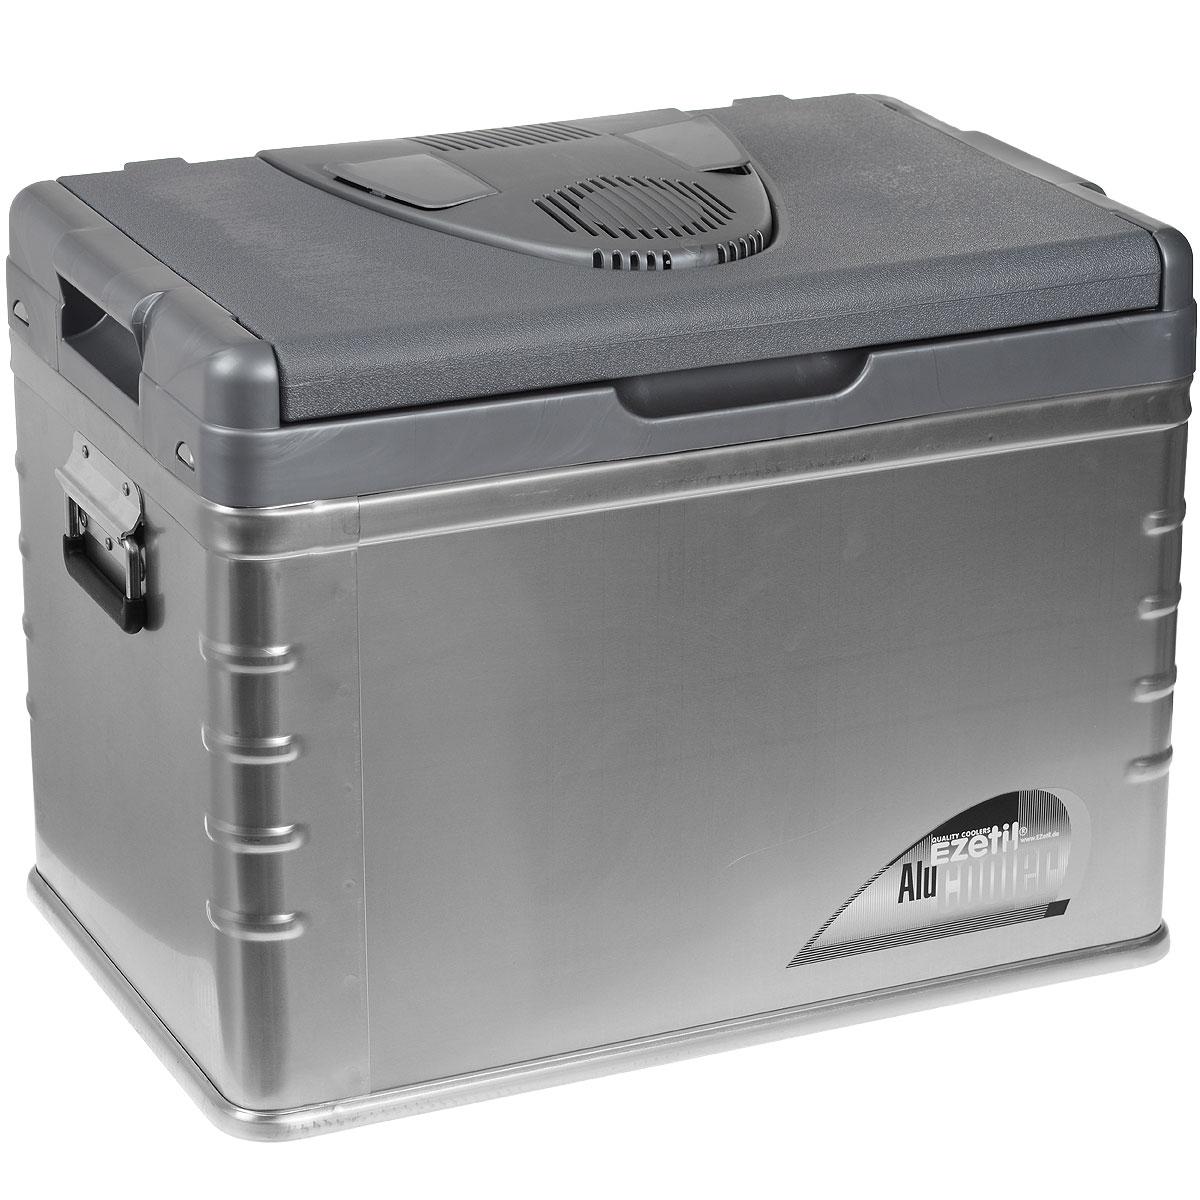 Термоэлектрический контейнер охлаждения Ezetil E45 ALU 12V, 42 л790009Термоэлектрический контейнер охлаждения Ezetil предназначен для использования в салоне автомобиля в качестве портативного холодильника. Контейнер выполнен из высококачественного пластика с отделкой алюминиевыми панелями, корпус гладкий, эргономичного дизайна, ударопрочный. Внутренняя камера изготовлена из экологически чистого пищевого пластика. Принцип действия термоэлектрического контейнера (холодильника) основан на свойстве полупроводниковых пластин, это свойство получило название эффект Пельтье. При протекании тока через полупроводниковую пластину одна сторона ее охлаждается (этой стороной пластина обращена внутрь контейнера), другая сторона - нагревается (эта сторона обращена наружу и охлаждается вентилятором). Дополнительный внутренний вентилятор в холодильной камере обеспечивает быстрое и равномерное охлаждение. Мощная, не нуждающаяся в техобслуживании охлаждающая система Peltier гарантирует оптимальную производительность по холоду. Действенная изоляция с наполнителем из пеноматериала толщиной 5 см поддерживает в холодном состоянии пищу и напитки в течение длительного времени в т.ч. и без подачи электроэнергии. Для повышения эффективности термоэлектрического контейнера (холодильника), а также когда он не подключен к сети (например, на даче, на пикнике) внутрь автохолодильника можно поместить аккумуляторы холода (в комплект не входят). Специальная уплотнительная резина в крышке уменьшает образование конденсата в холодильной камере. Это особенно важно при охлаждении продуктов питания. Контейнер работает от бортовой сети автомобиля 12В. Шнур питания вмонтирован в специальный отсек на тыльной стороне крышки. Модель оснащена интеллектуальной системой энергосбережения. Контейнер имеет широко открывающуюся крышку для легкого доступа к продуктам и две усиленных ручки по бокам для удобной переноски. Крышка плотно и герметично закрывается. Контейнер очень вместительный. Конструкция крышки и форм-факто